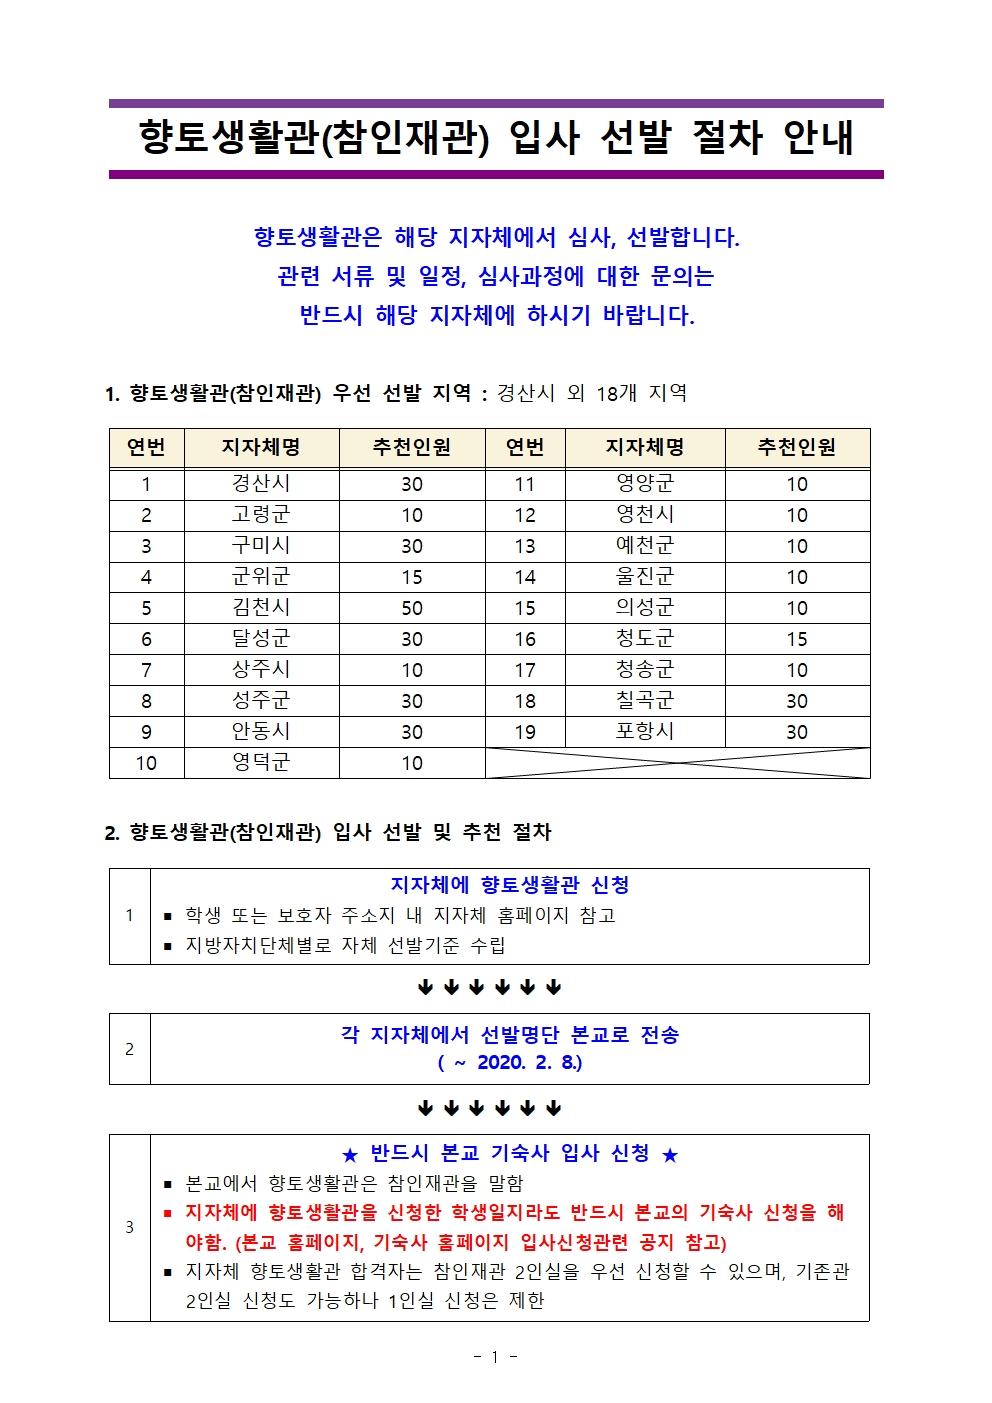 향토생활관 선발 절차 안내(공지)-2021001.jpg